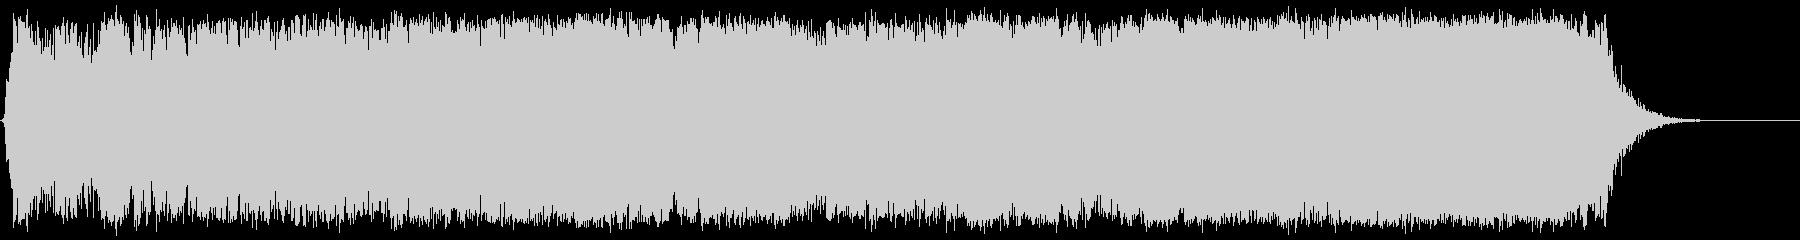 ダークファンタジーオーケストラ戦闘曲69の未再生の波形